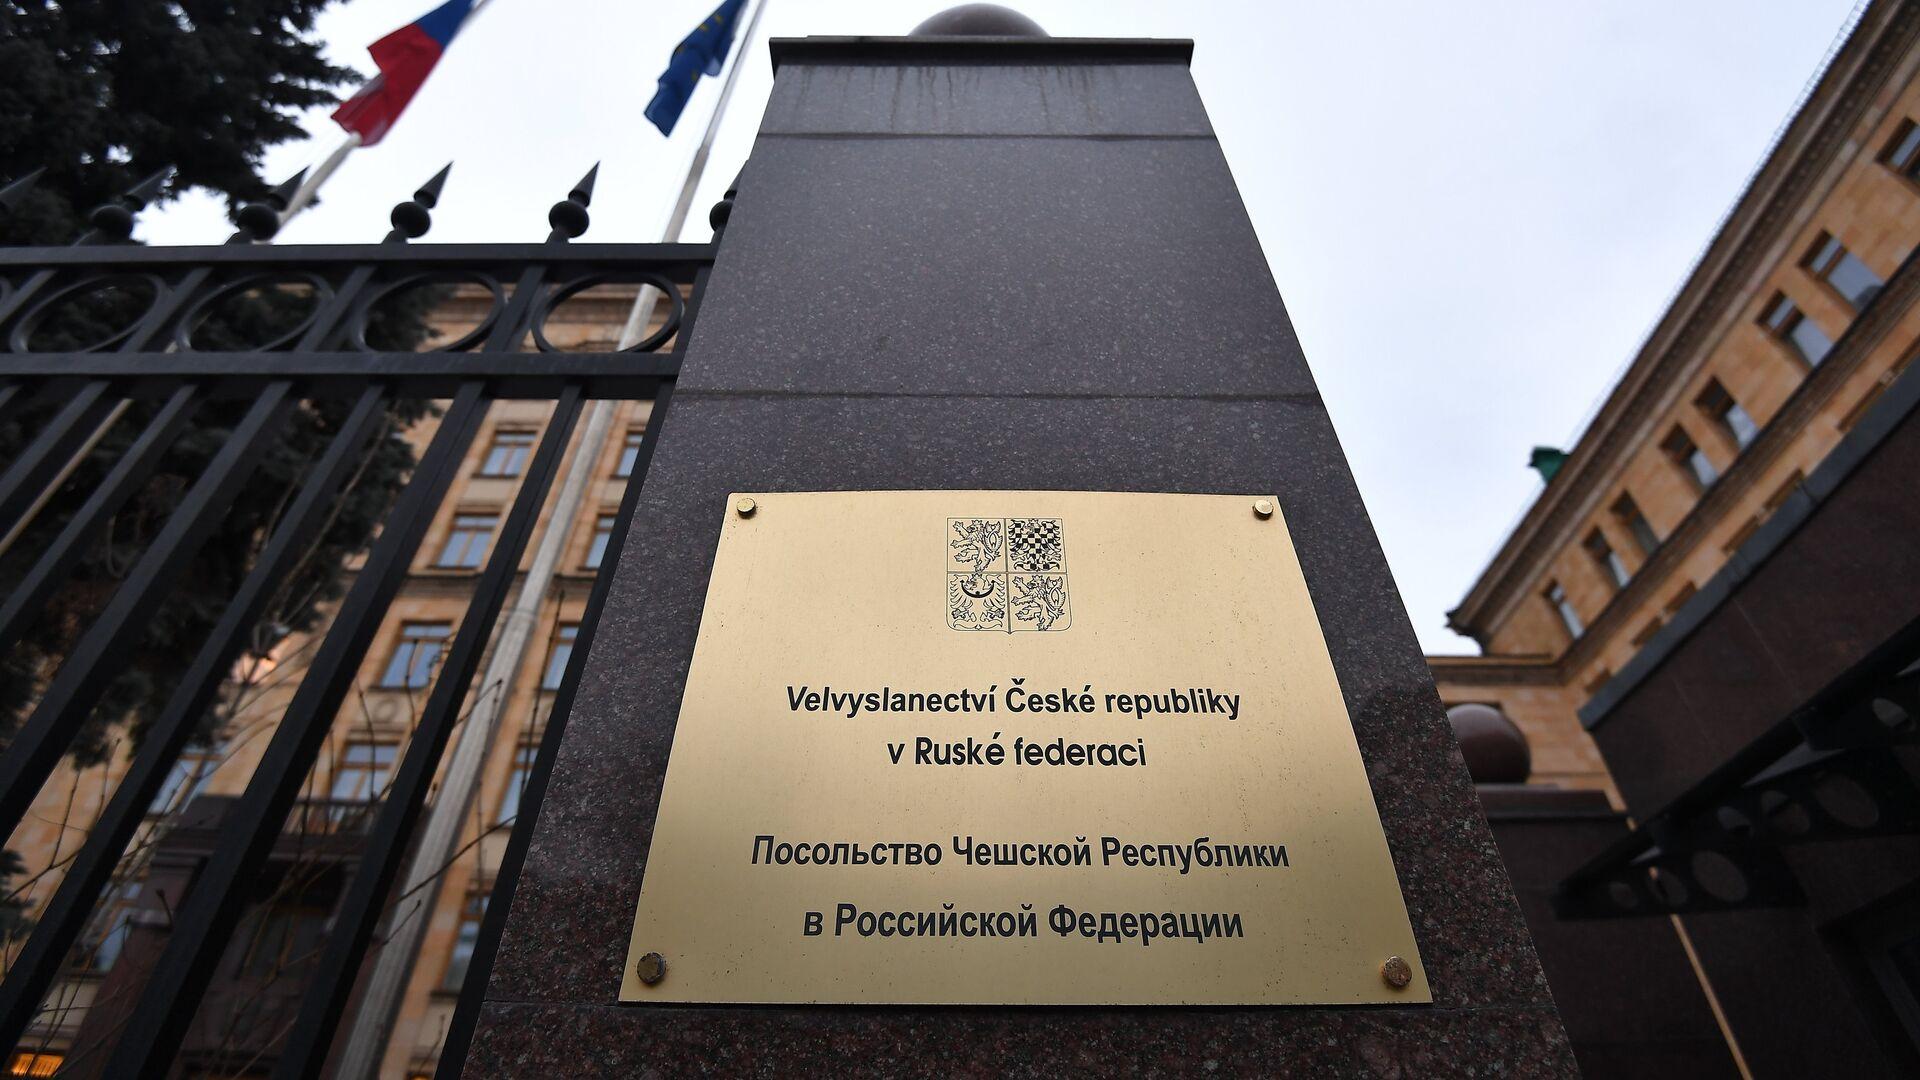 Вывеска у входа в здание посольства Чехии на улице Юлиуса Фучика в Москве - РИА Новости, 1920, 18.04.2021